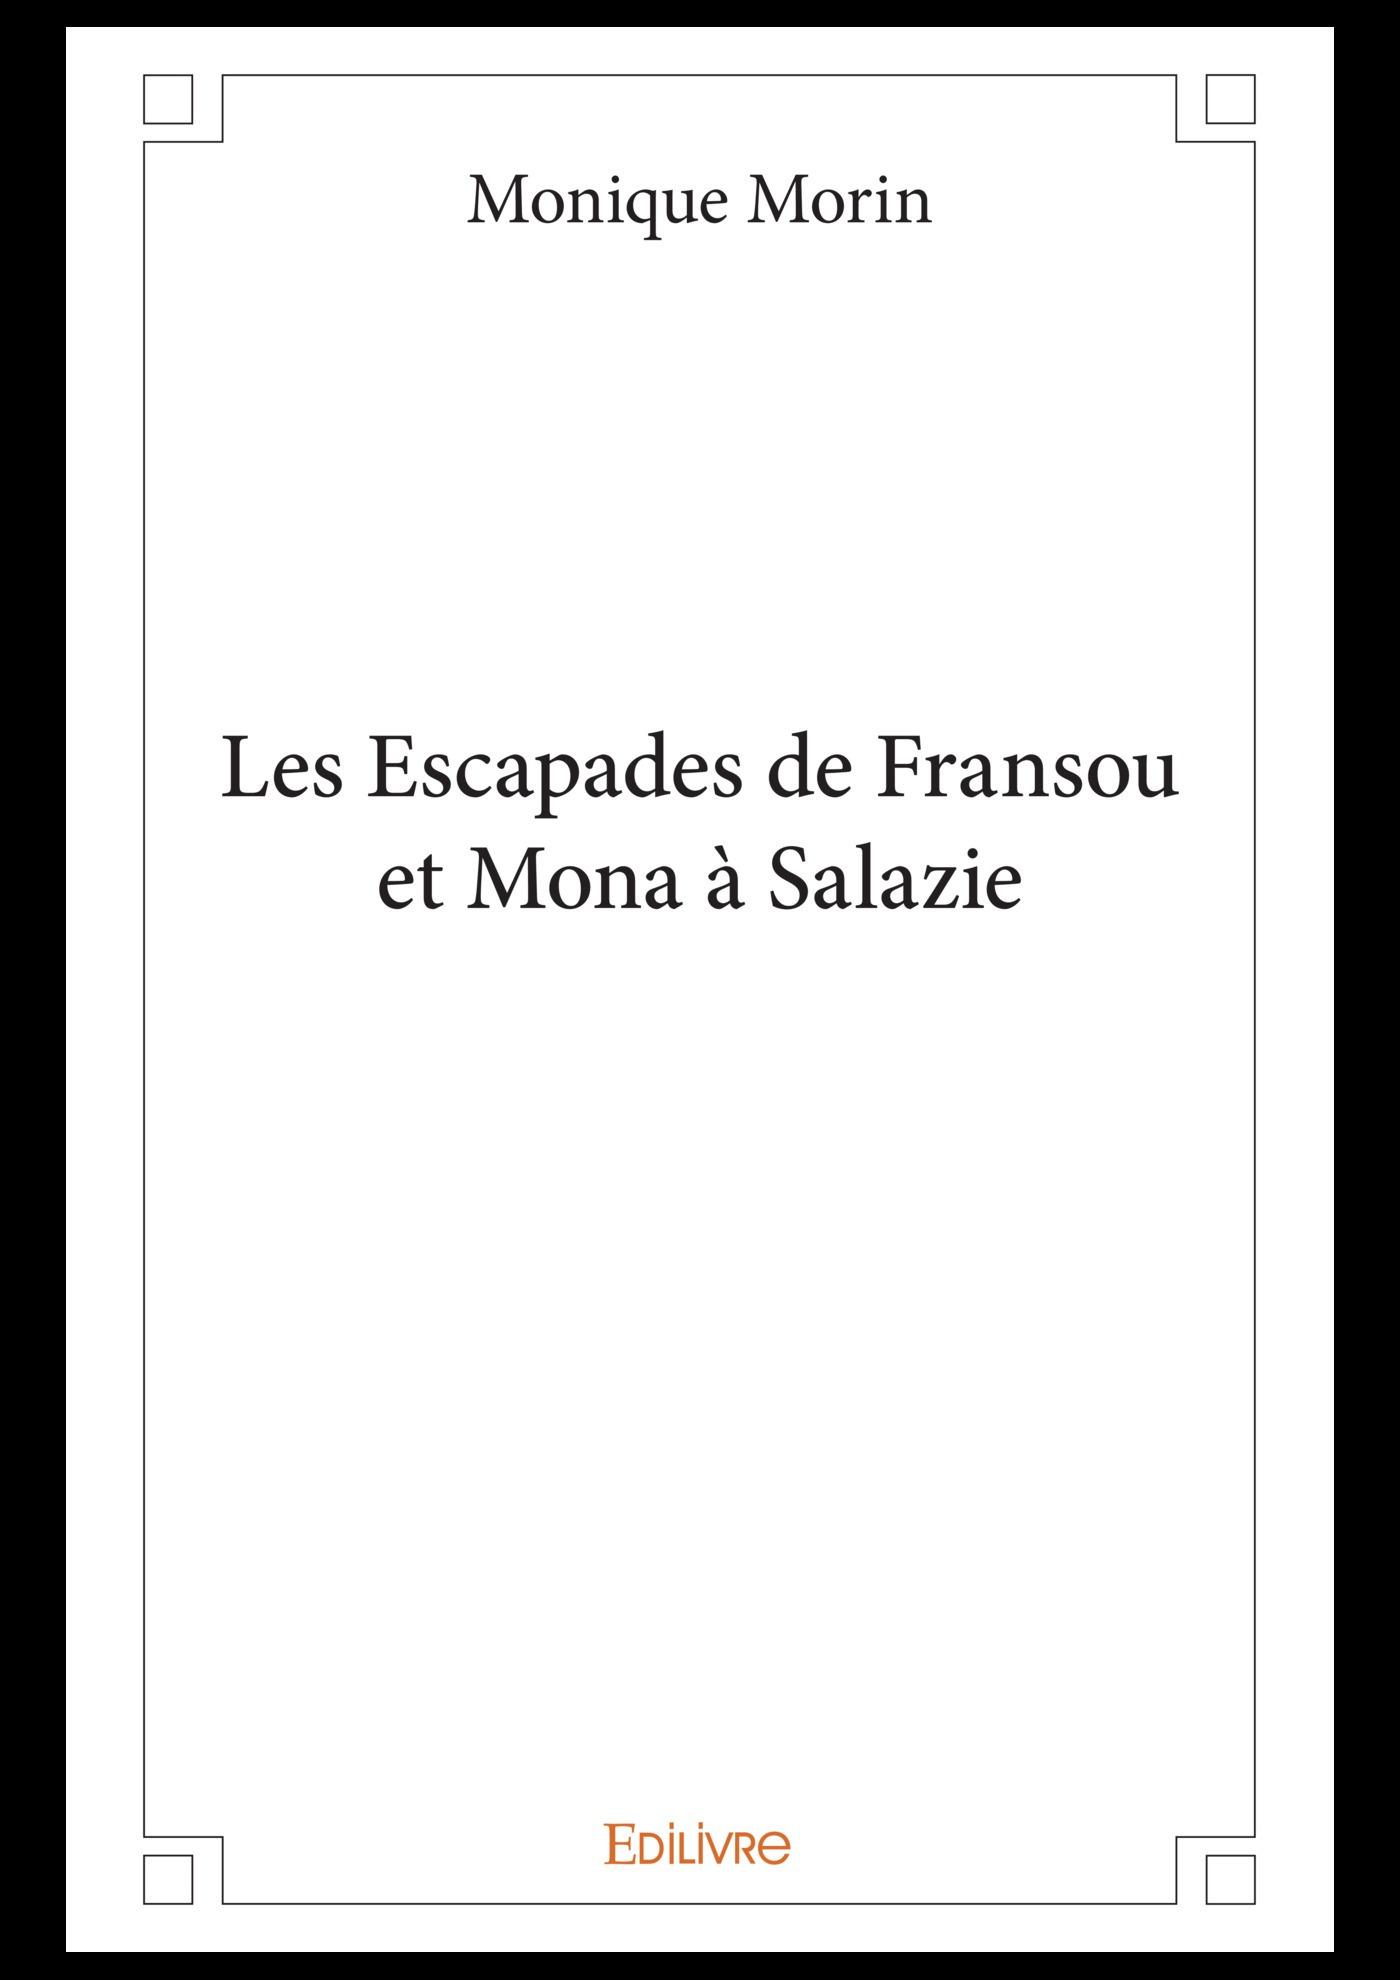 Les Escapades de Fransou et Mona à Salazie